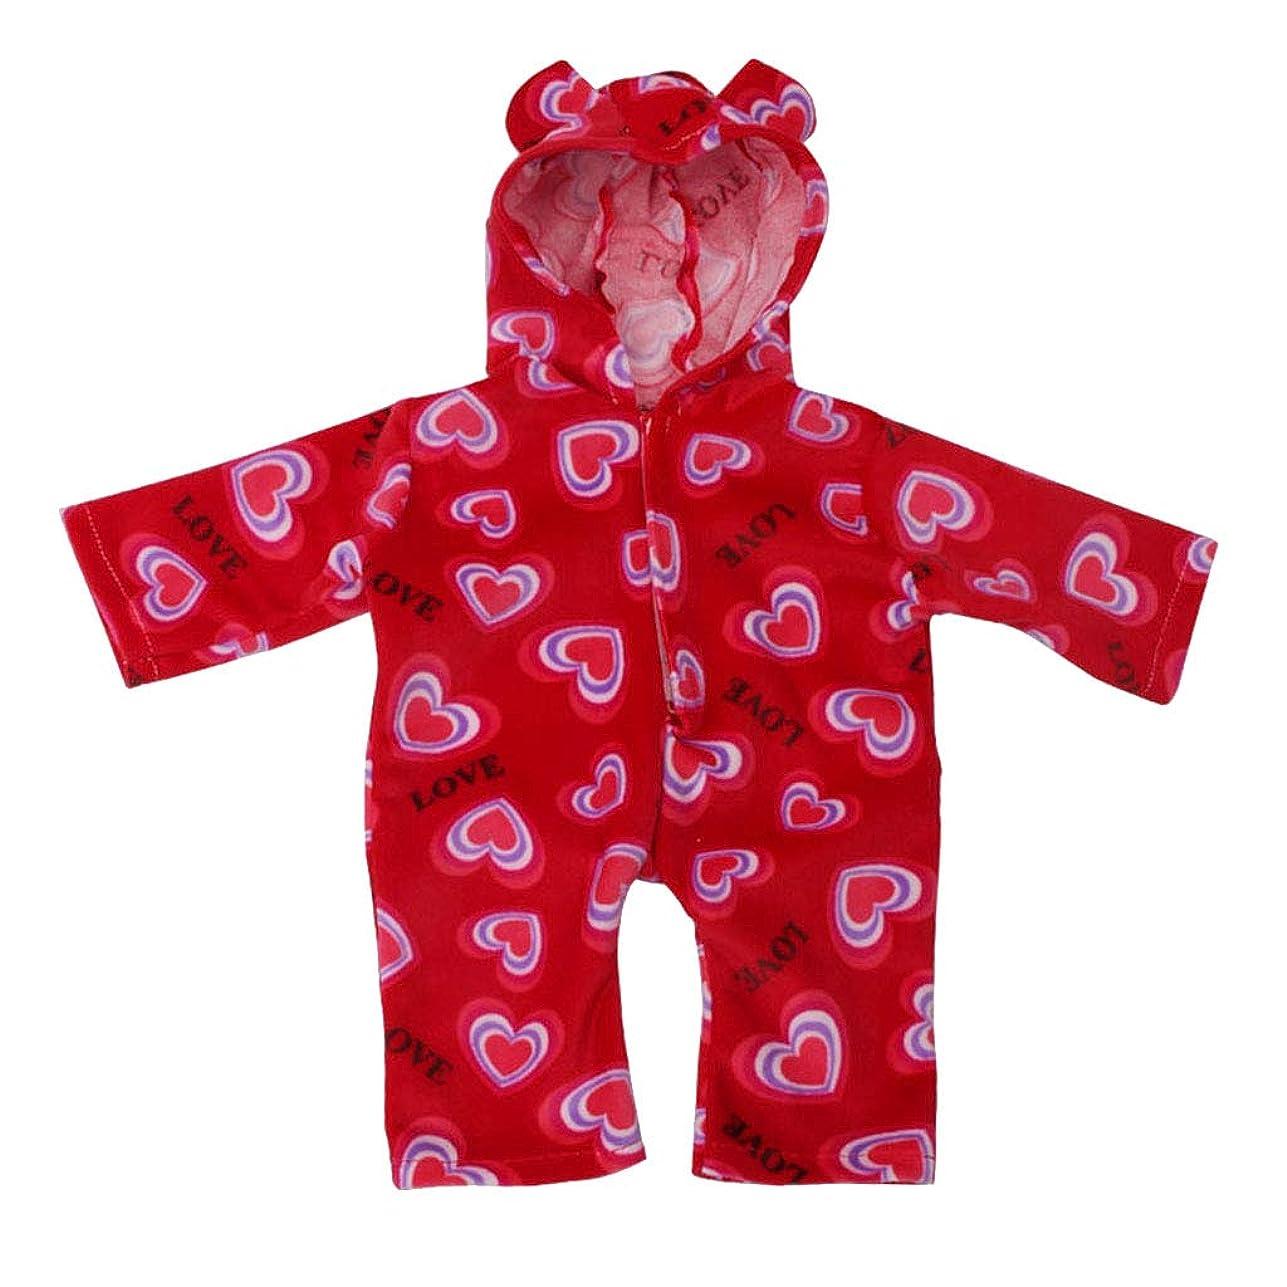 臨検のために生き残りlahomia かわいいハートスーツパジャマアメリカ人の女の子のための18インチ人形ドレスアップ - 赤, 説明したように